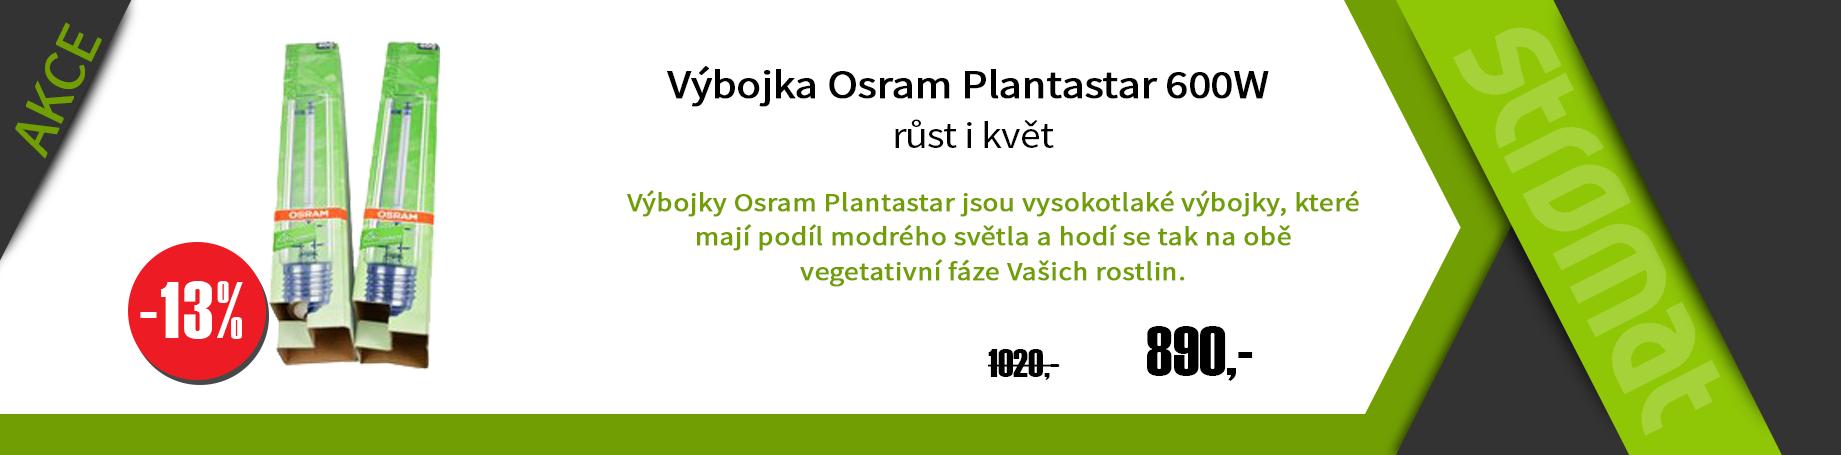 Výbojka 600 w kombinovaná - osram plantastar na růst i květ